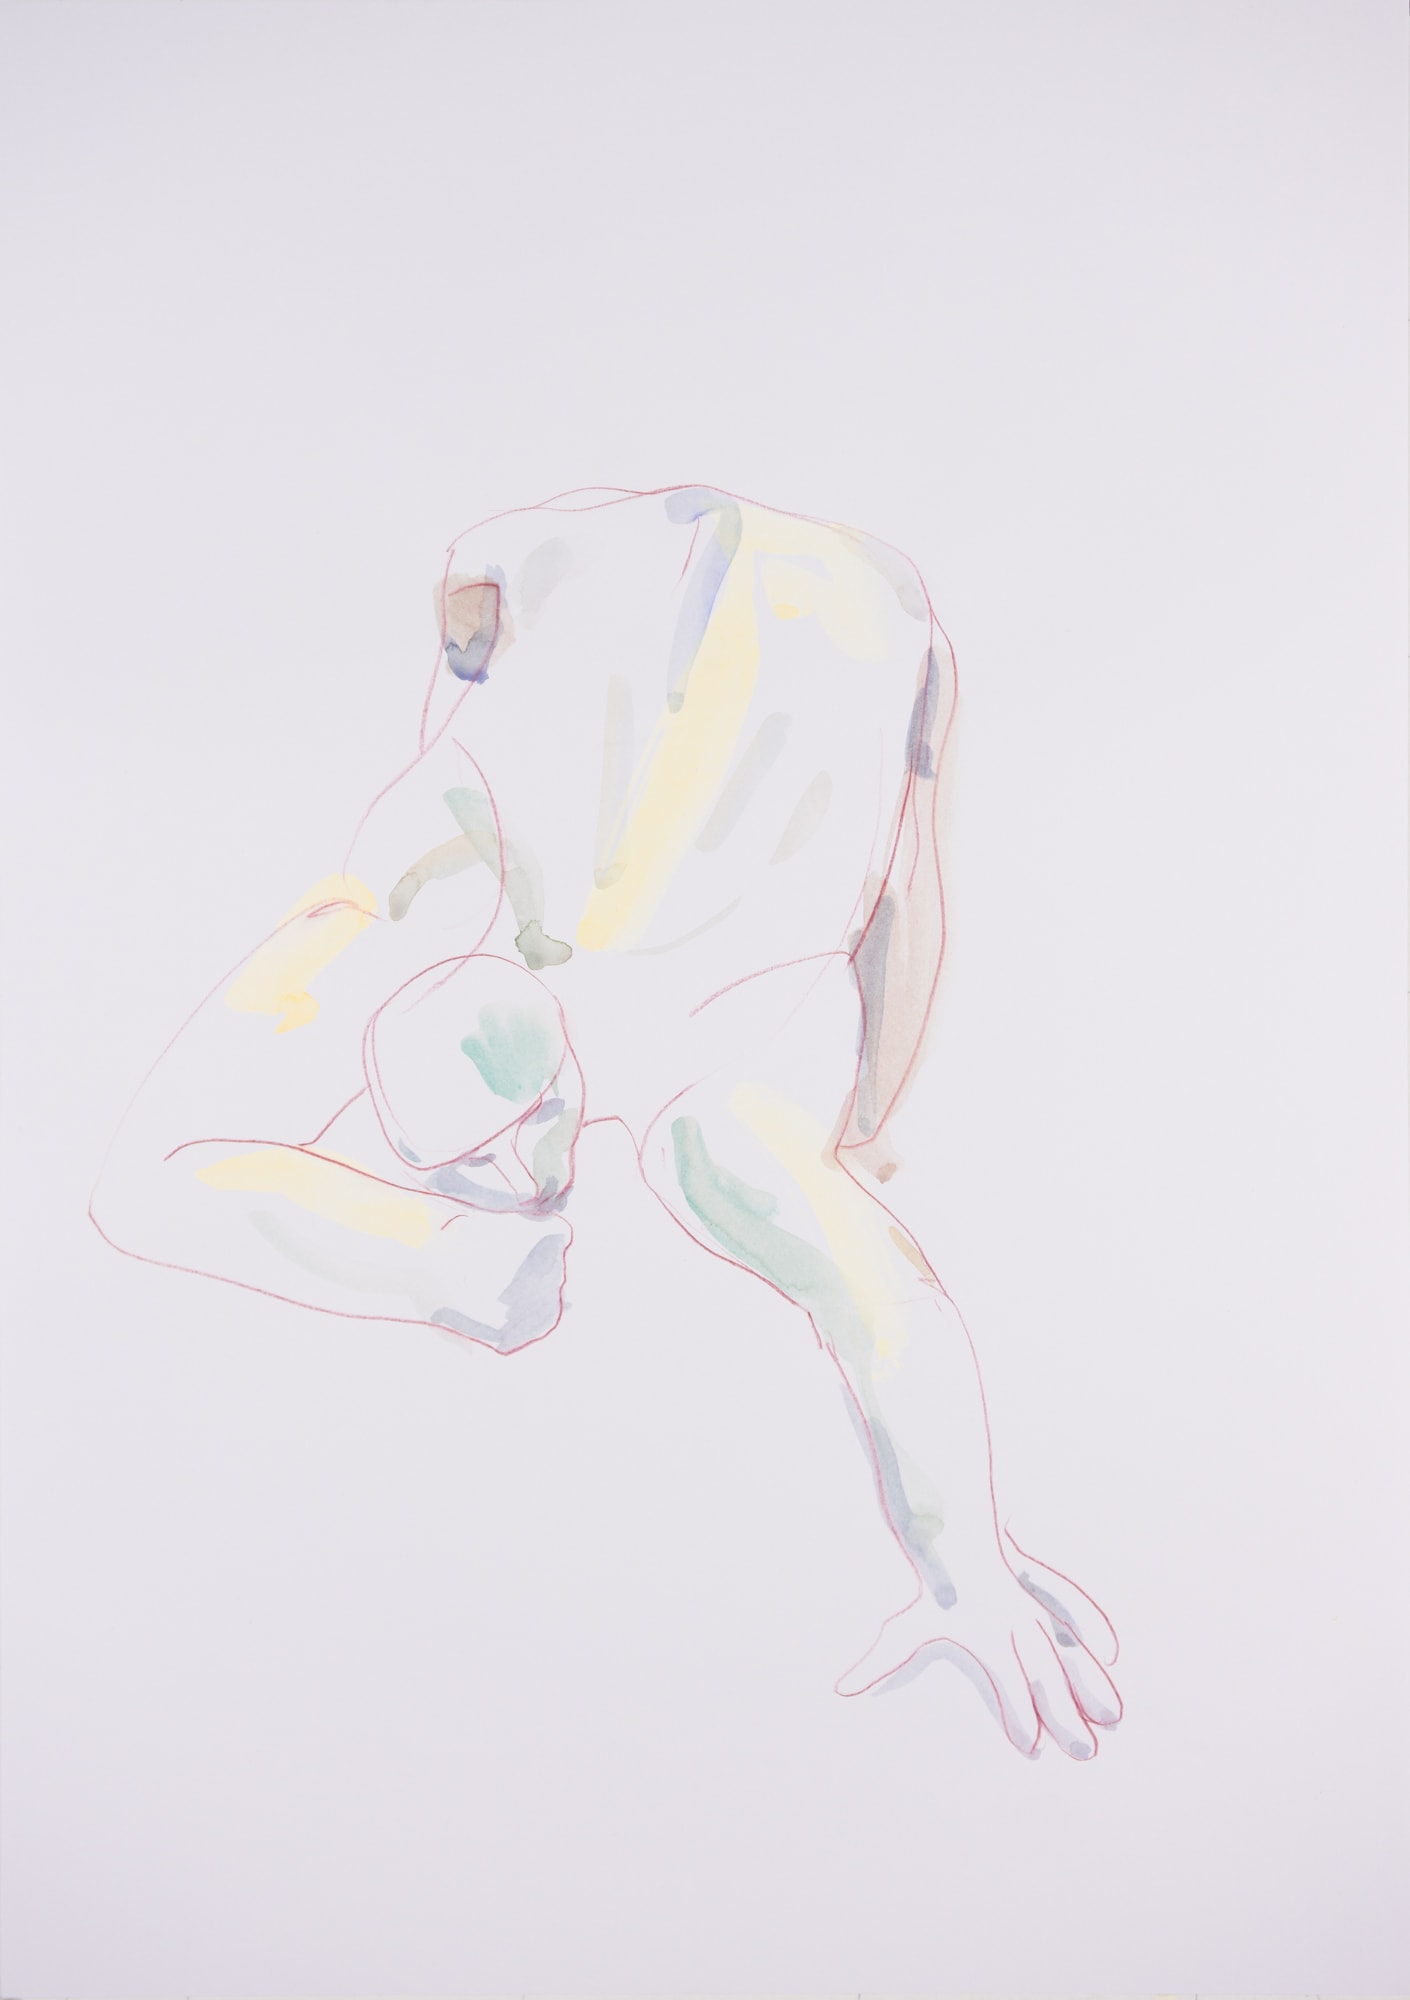 Zeichnung, Aquarell und Farbstift auf Papier, 42x59,4cm, Männerakt, Künstlerin: Franziska King